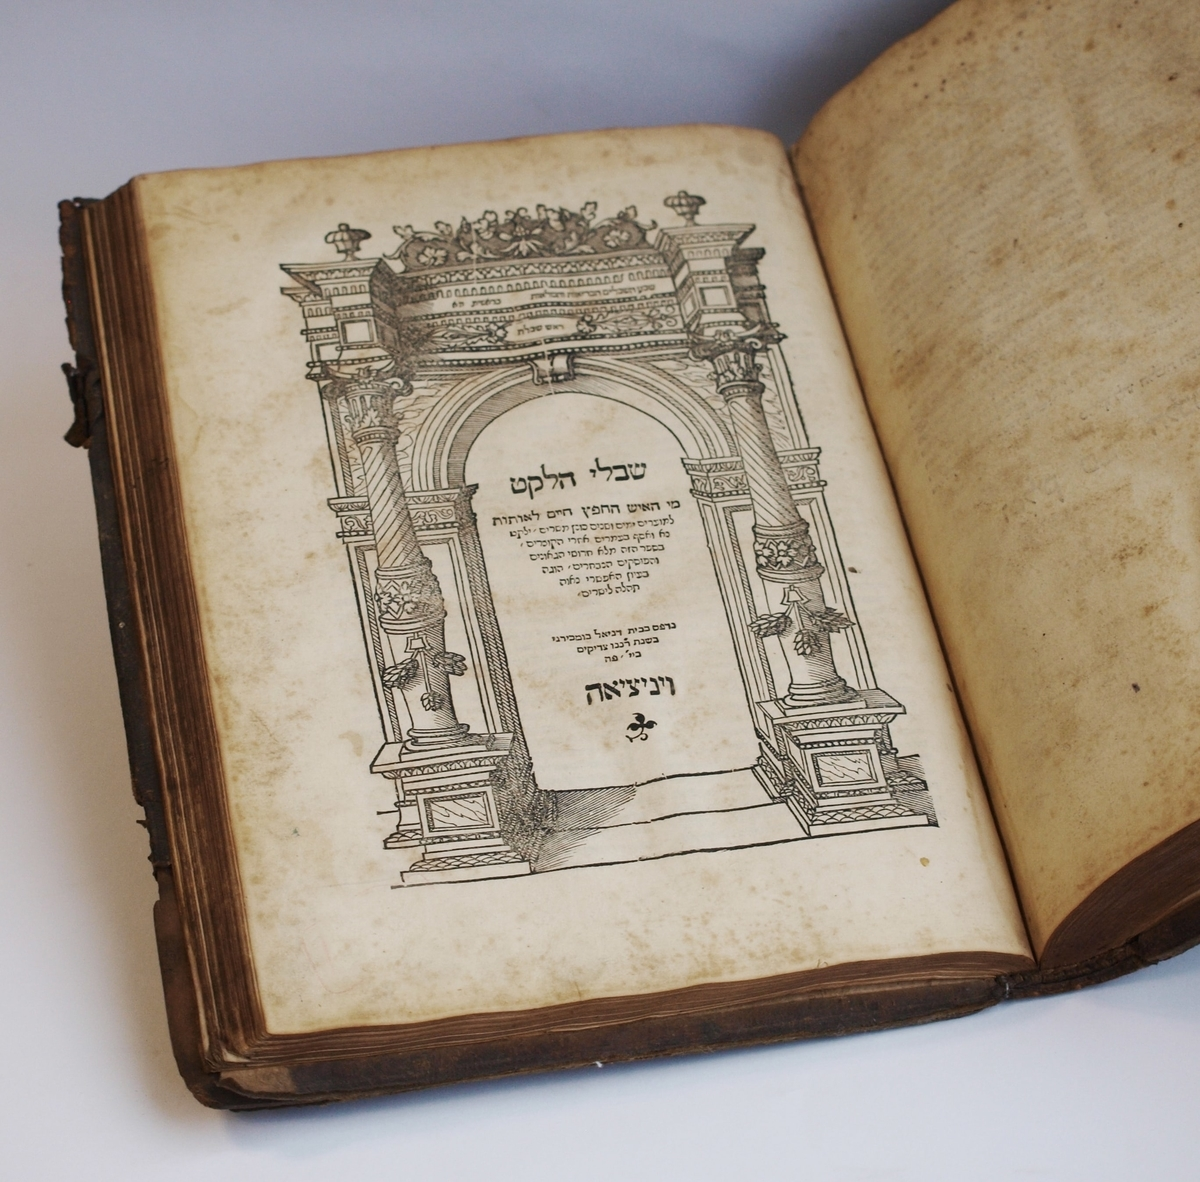 """Kelios seniausios knygos iš M. Strašuno asmeninės kolekcijos, kuri tapo viešosios Strašuno bibliotekos pagrindu. <br /> Cidkijas ben Avraomas Rofe. """"Shibole ha-leket"""" (hebr. Surinkti grūdai). Venecija, Danieliaus Bombergo spaustuvė, 1546."""